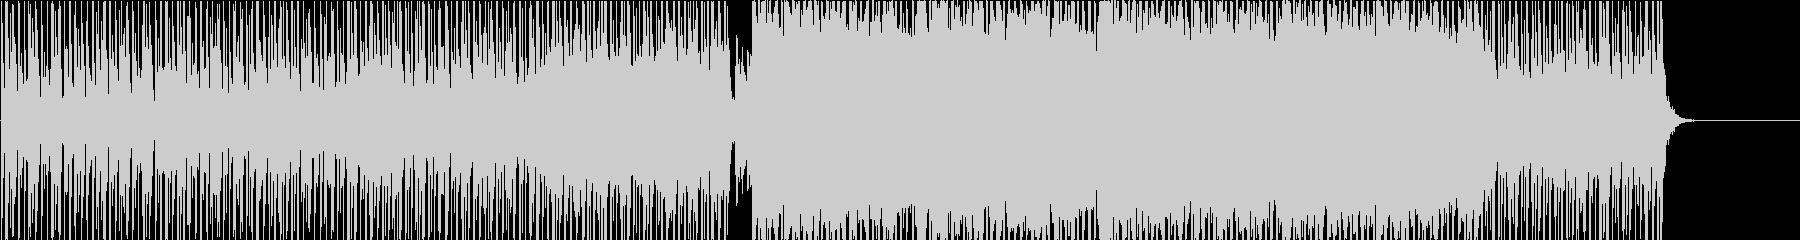 スタイリッシュなドローン映像にEDMを!の未再生の波形